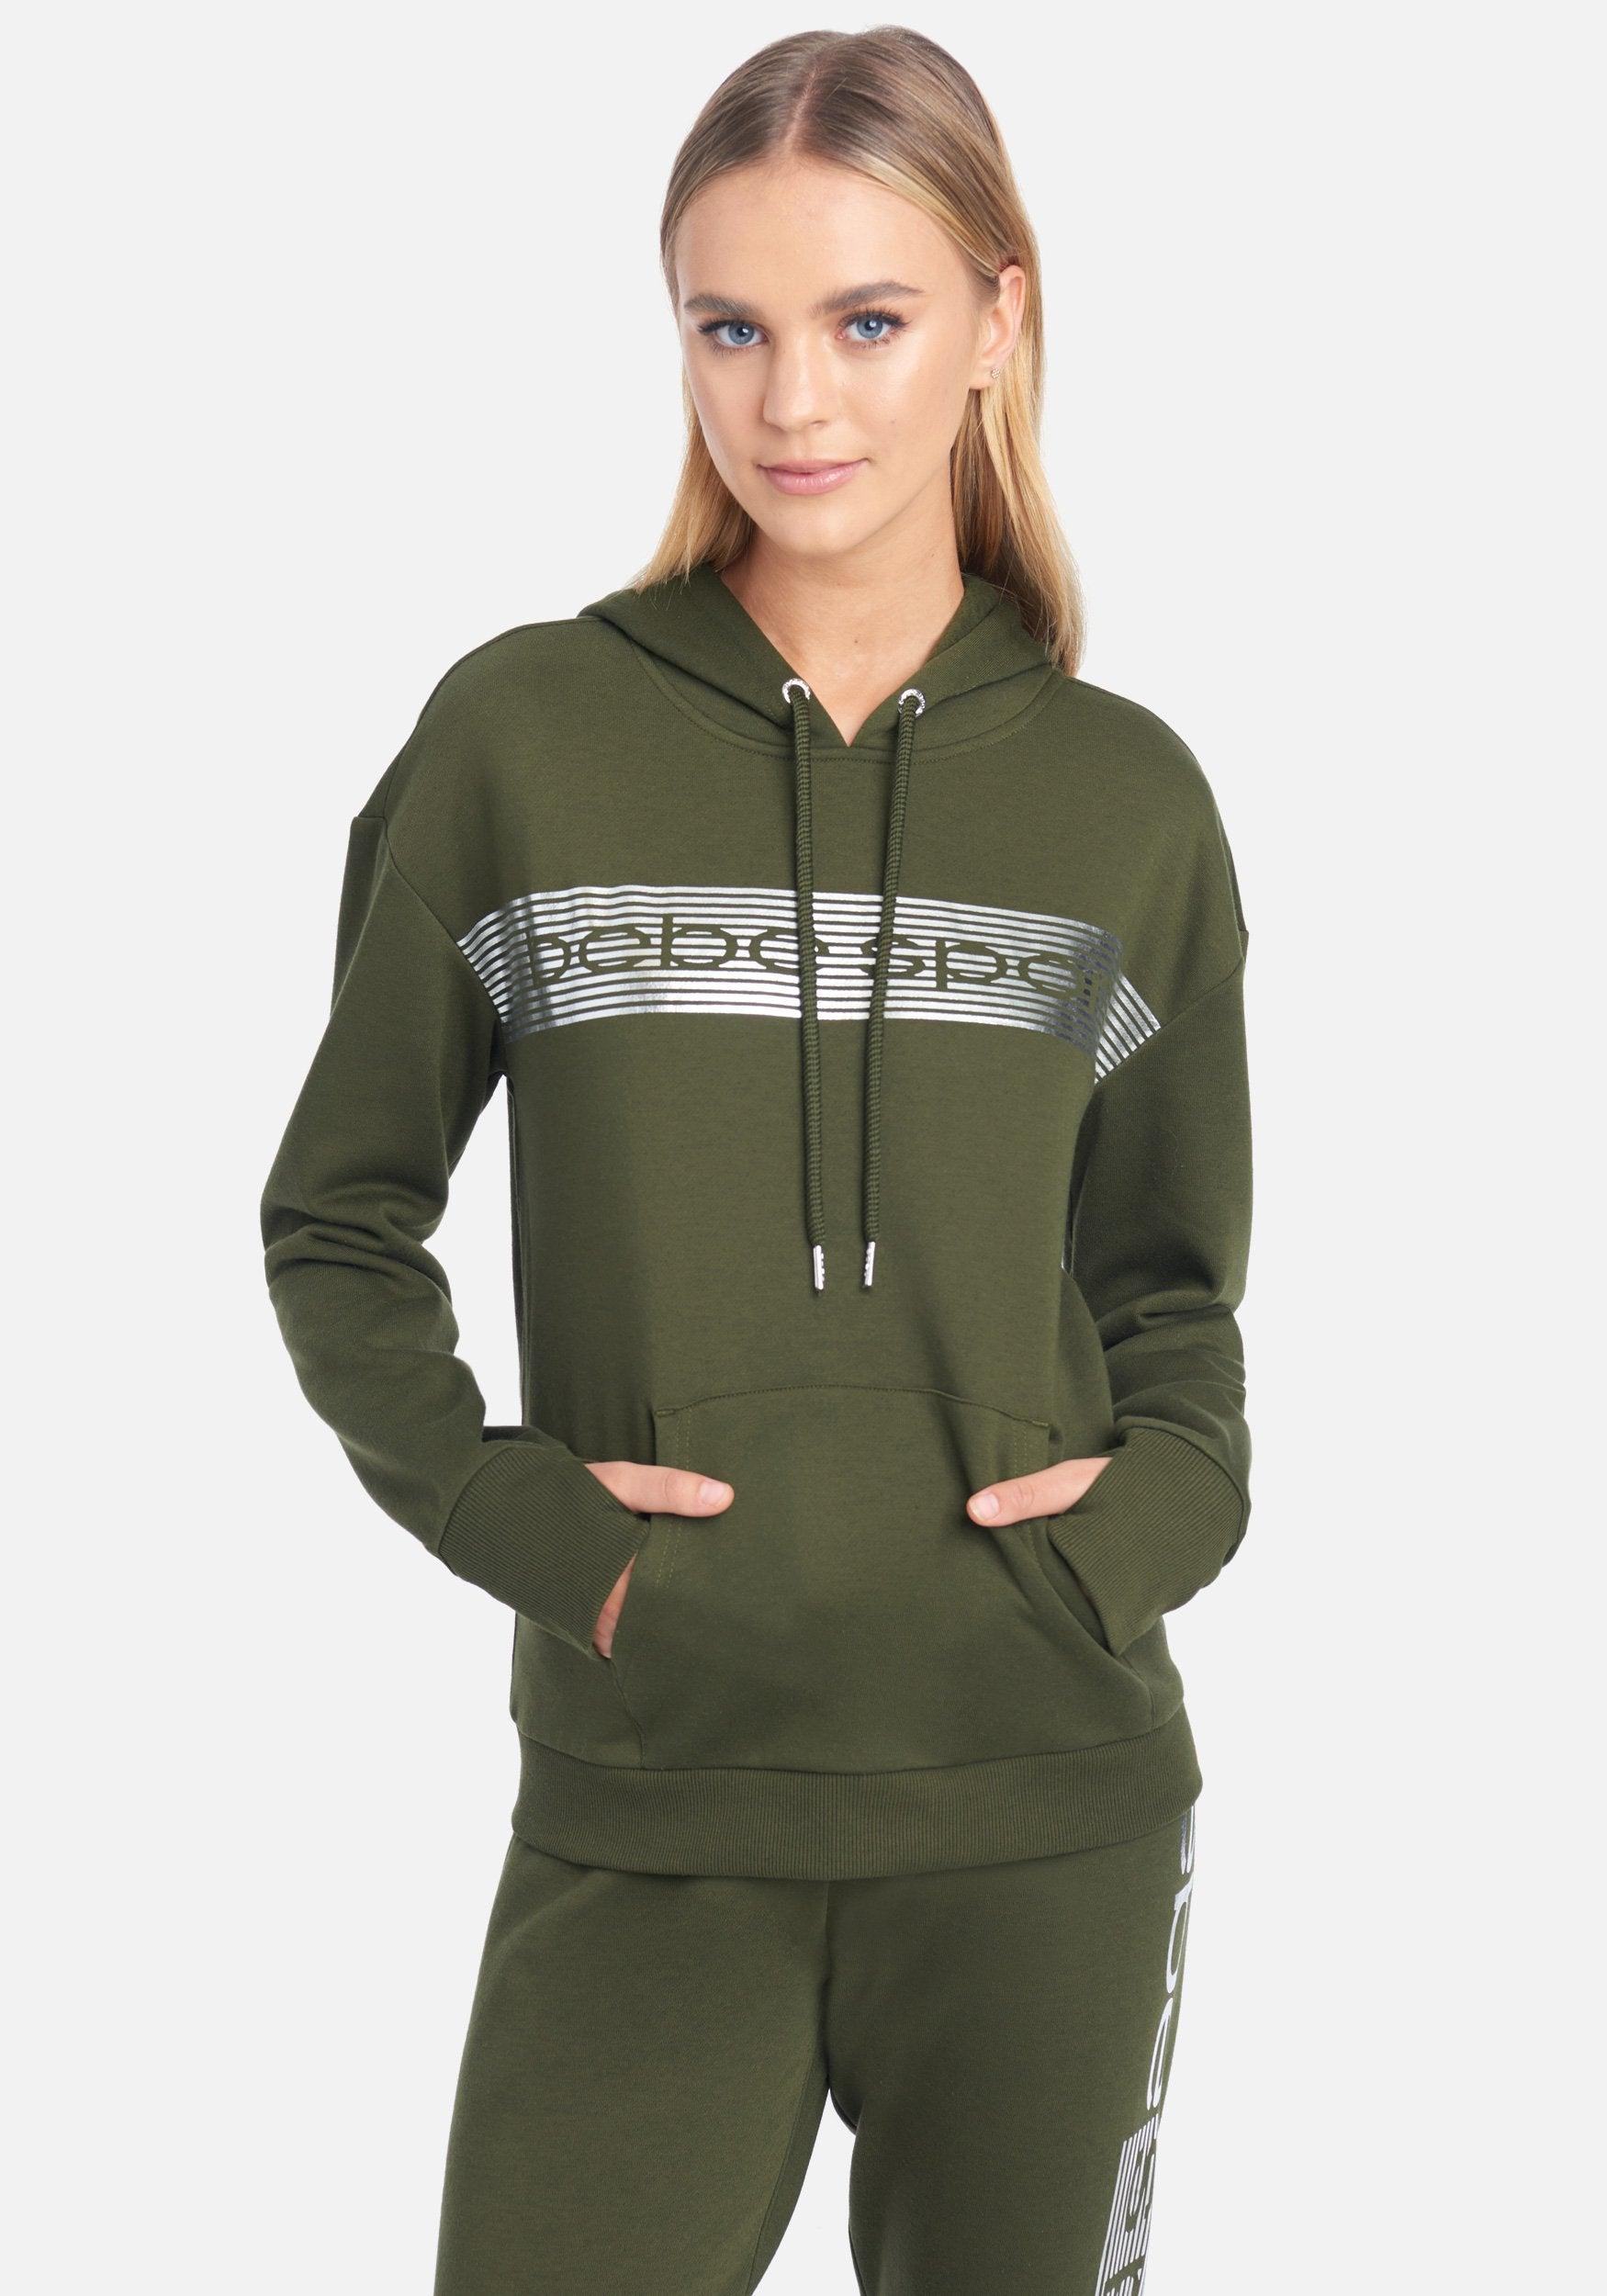 bebe Women's Bebe Sport Stripe Jacket, Size Large in Forest Cotton